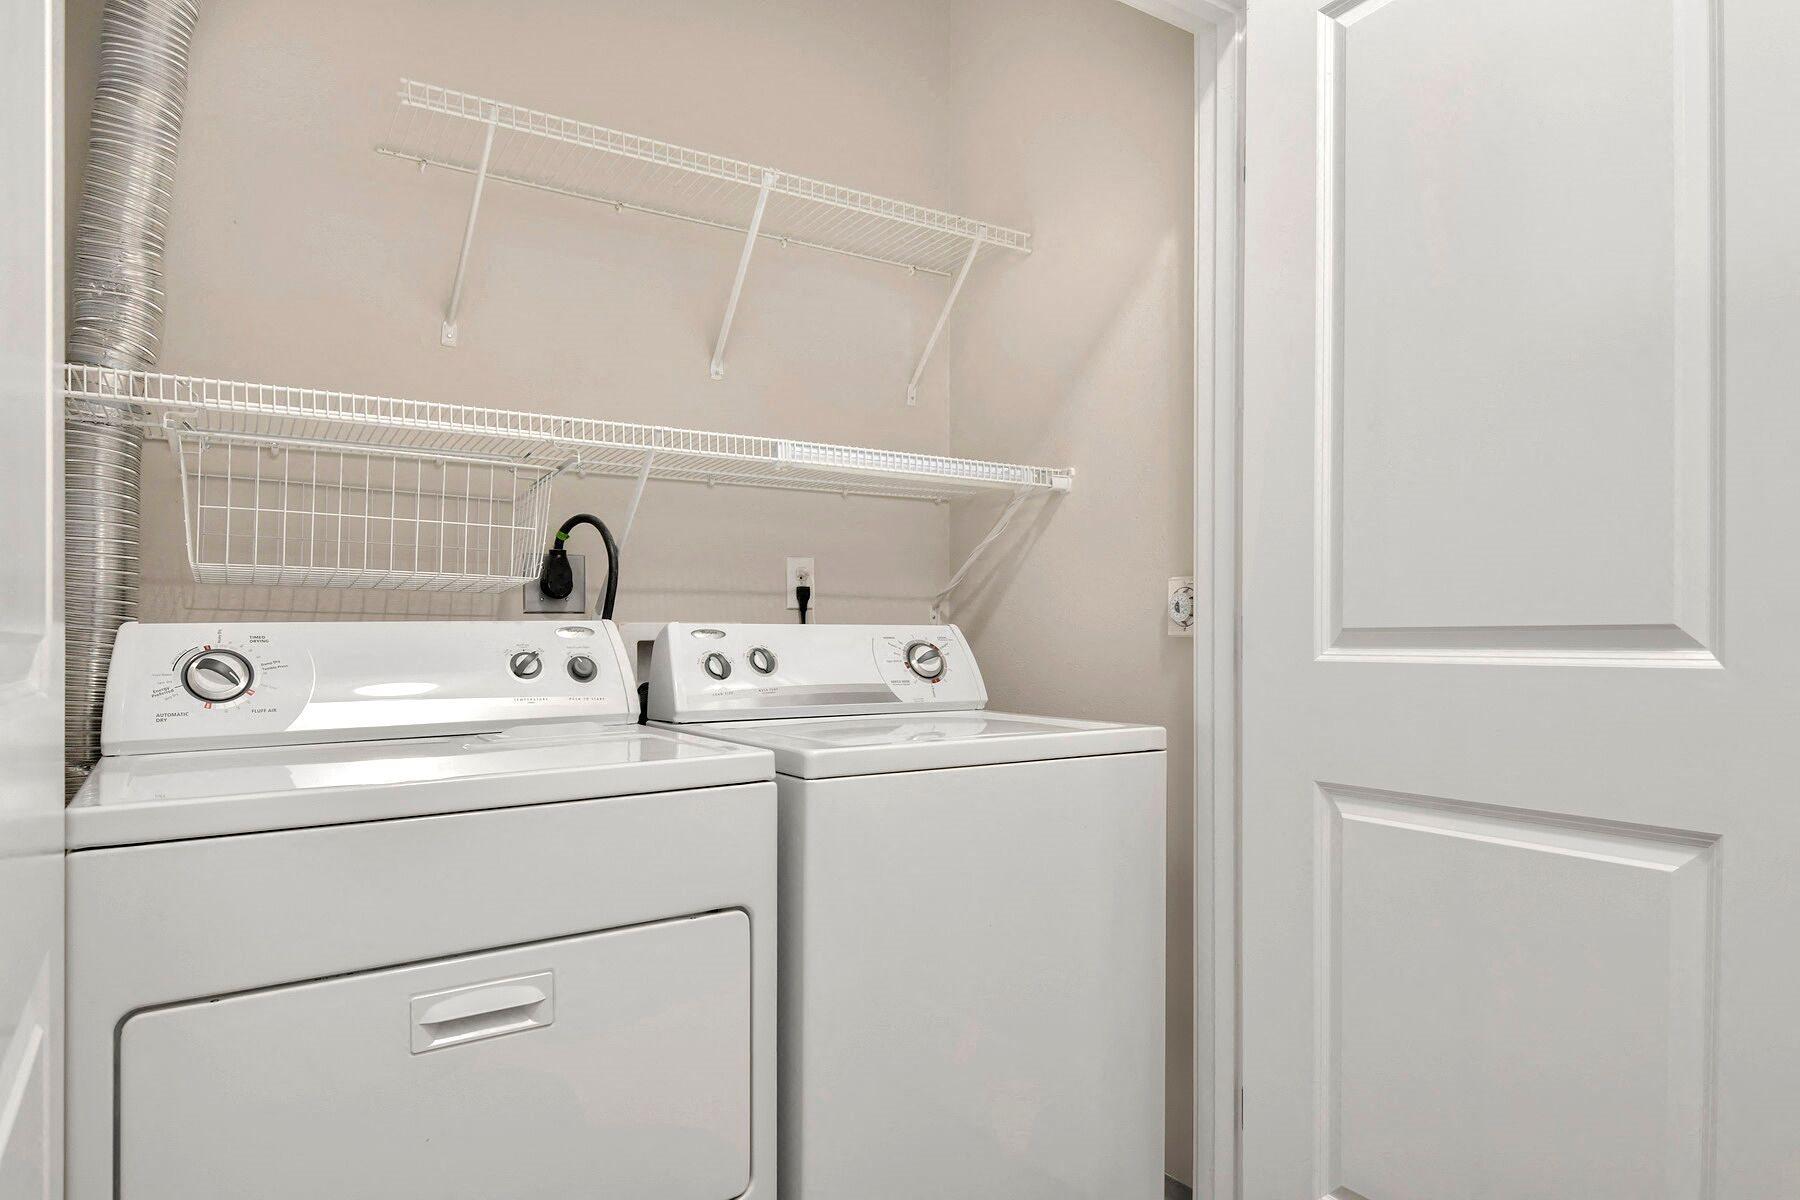 Washer/Dryer at Reunion at Redmond Ridge, Washington, 98053